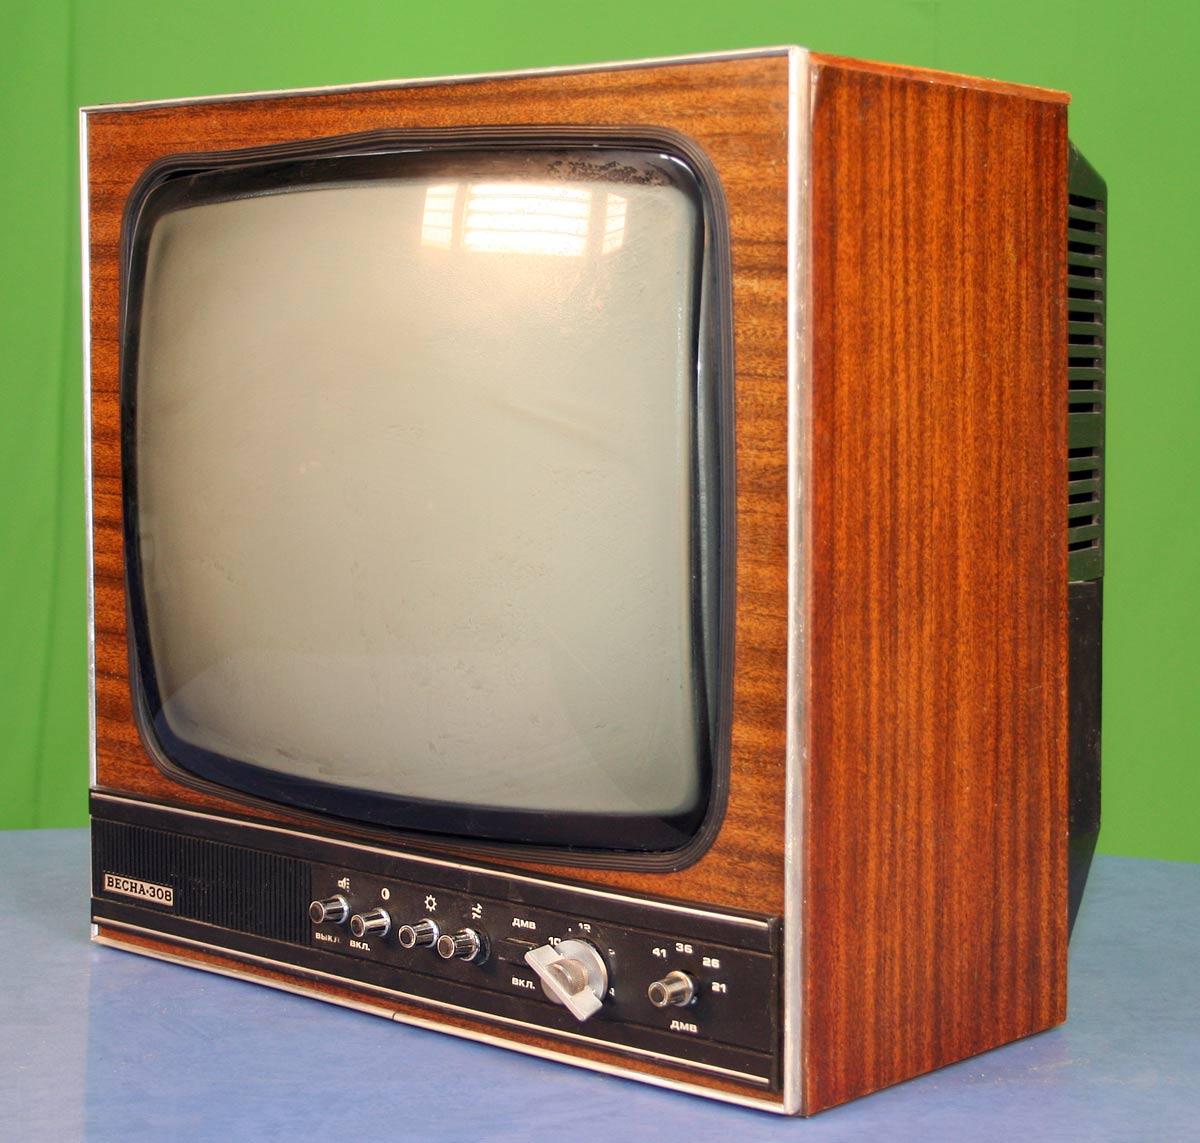 разного размера картинки телевизоры советского союза разные может